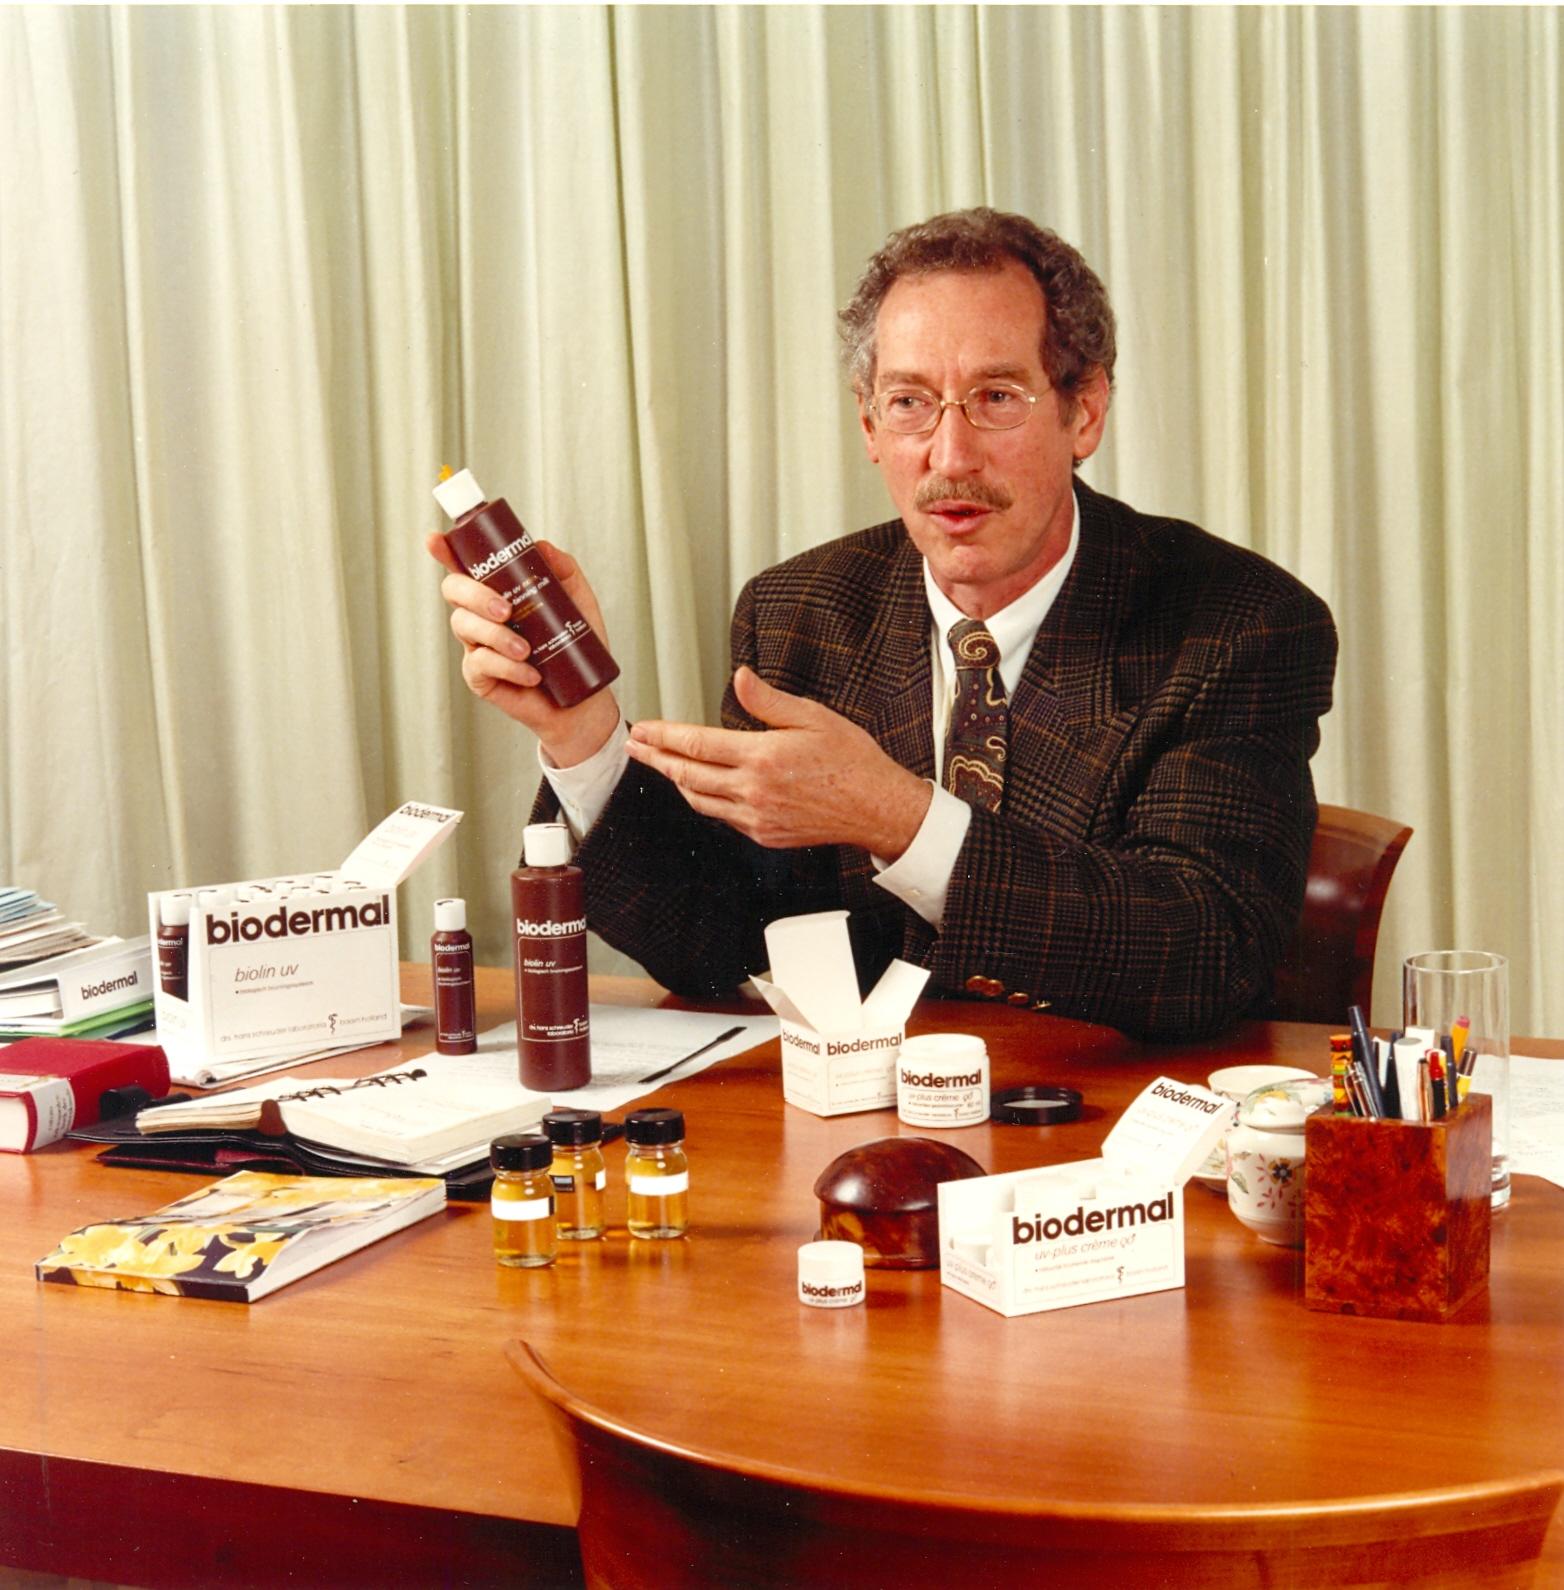 Drs. Schreuder